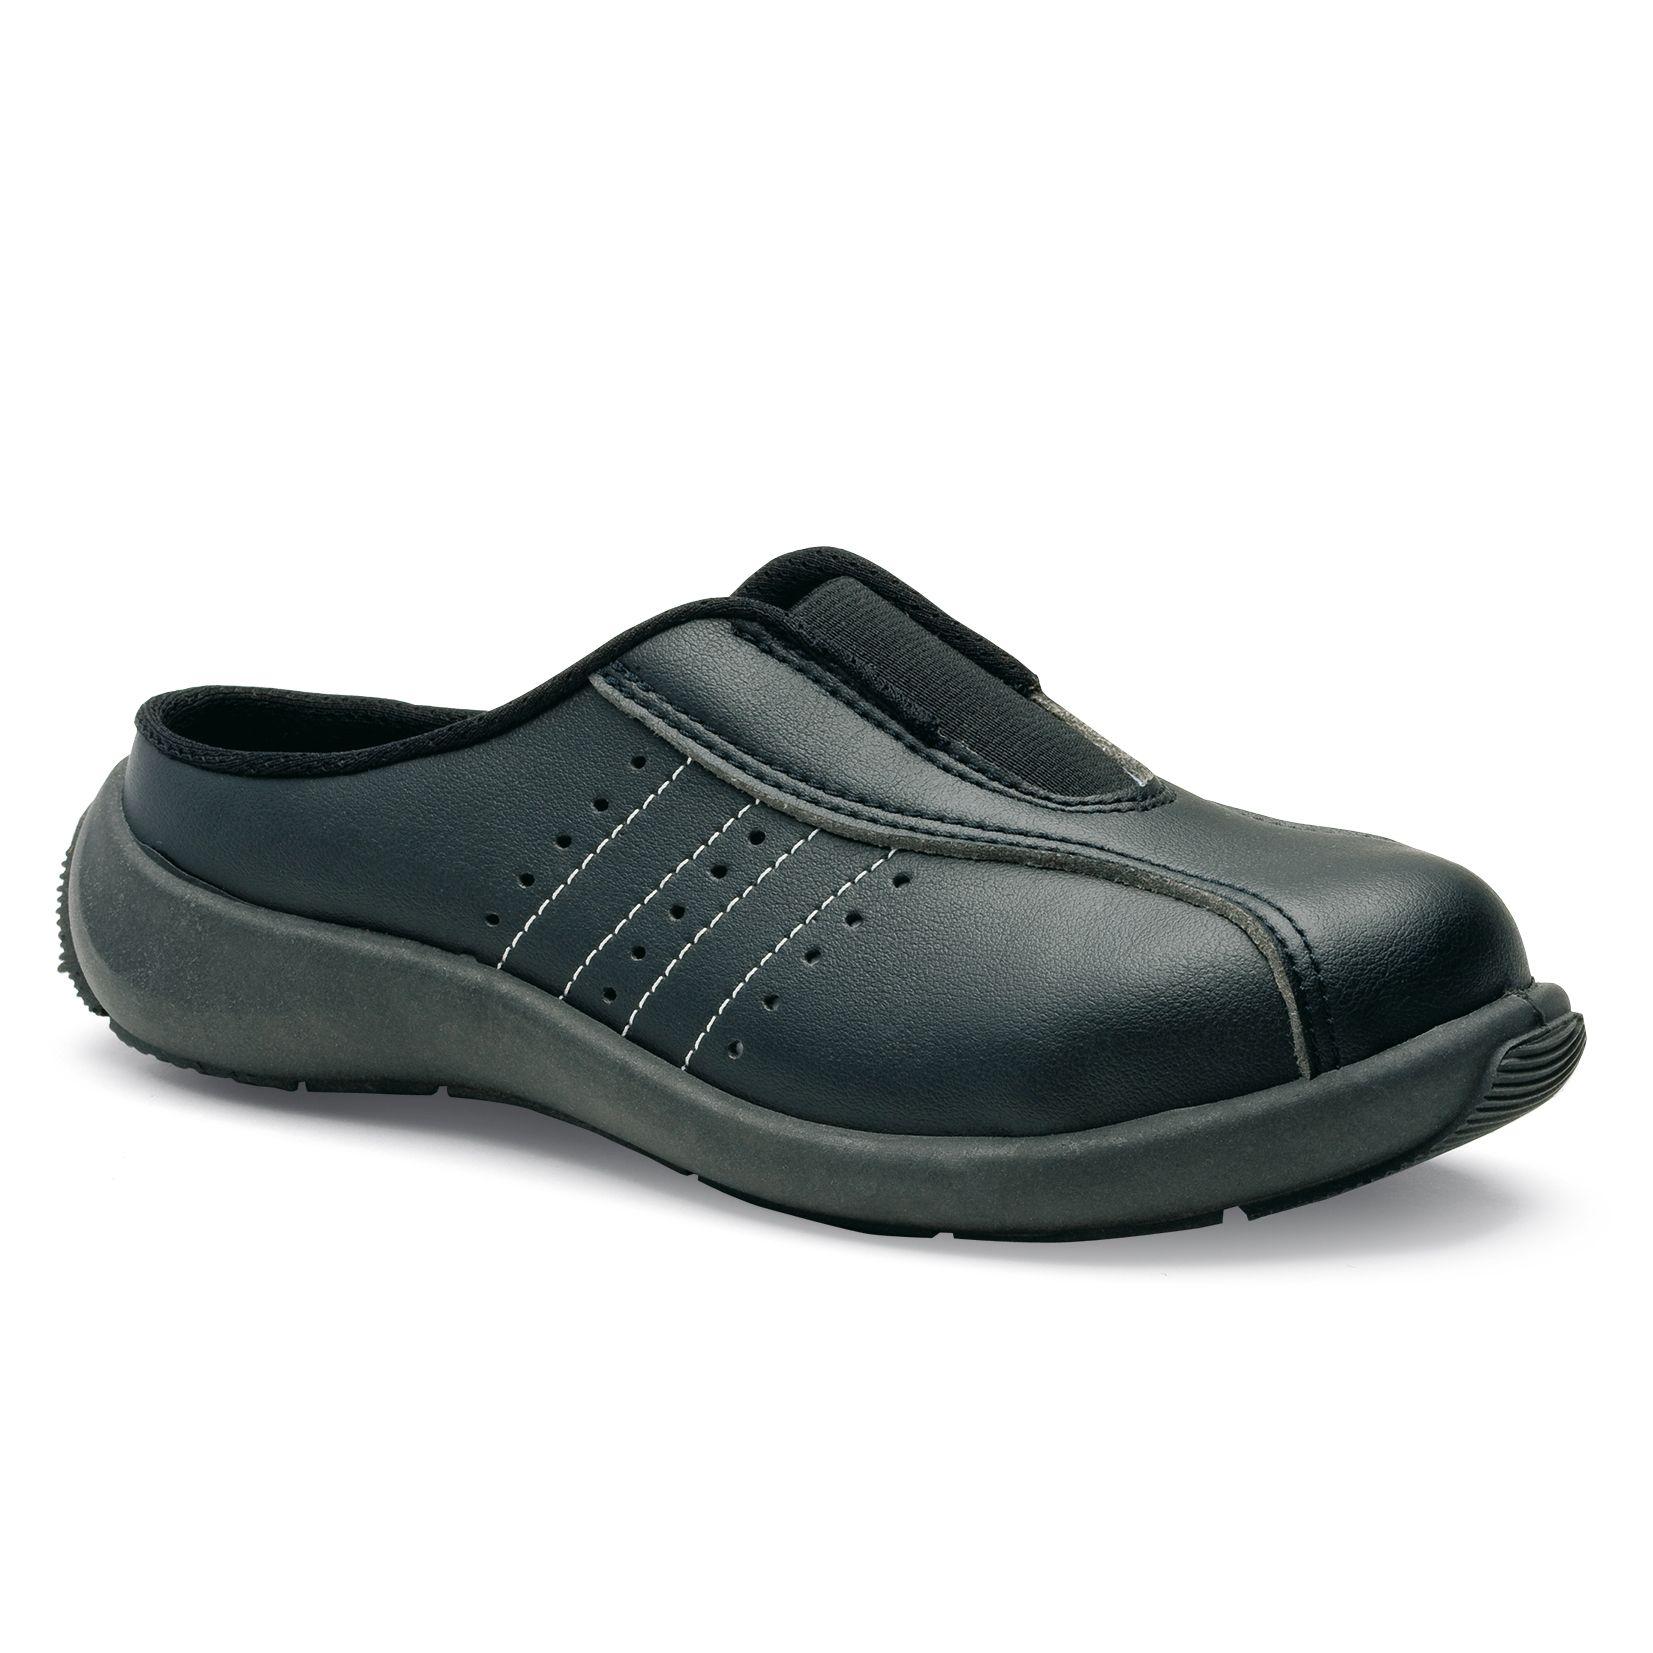 Chaussures de sécurité S.24 Ligne Executive Modèle Sofia noir Réf. 8032 • Tige cuir VERPELLE blanc • Doublure textile • Embout acier • Semelle anti-perforation inox • Semelle extérieure TPU light • Semelle intérieure SENSATION+